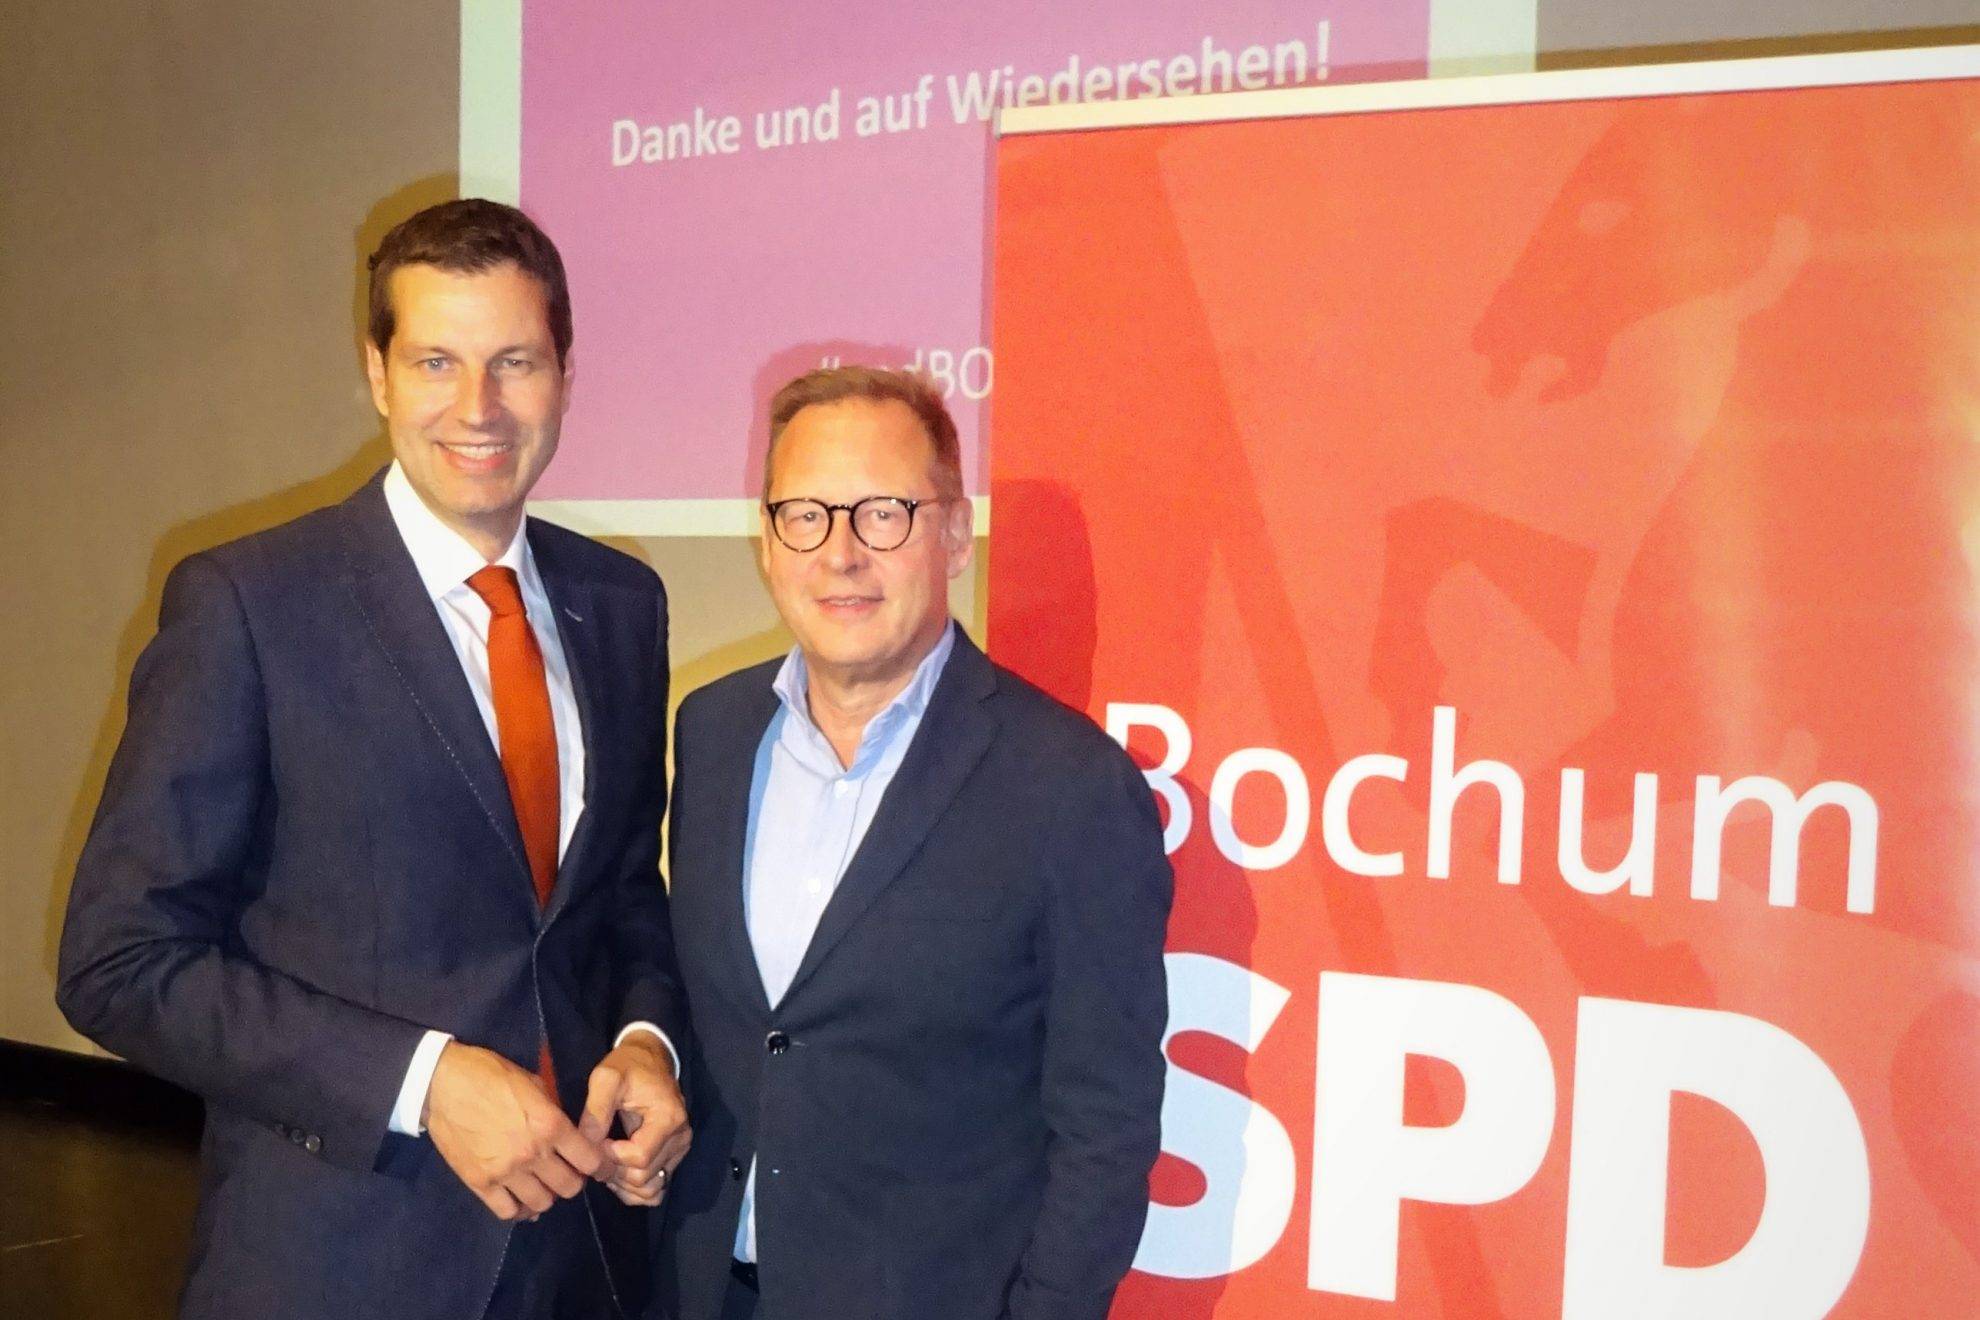 Thomas Eiskirch und Karsten Rudolph auf dem Parteitag der SPD Bochum am 16. September 2019